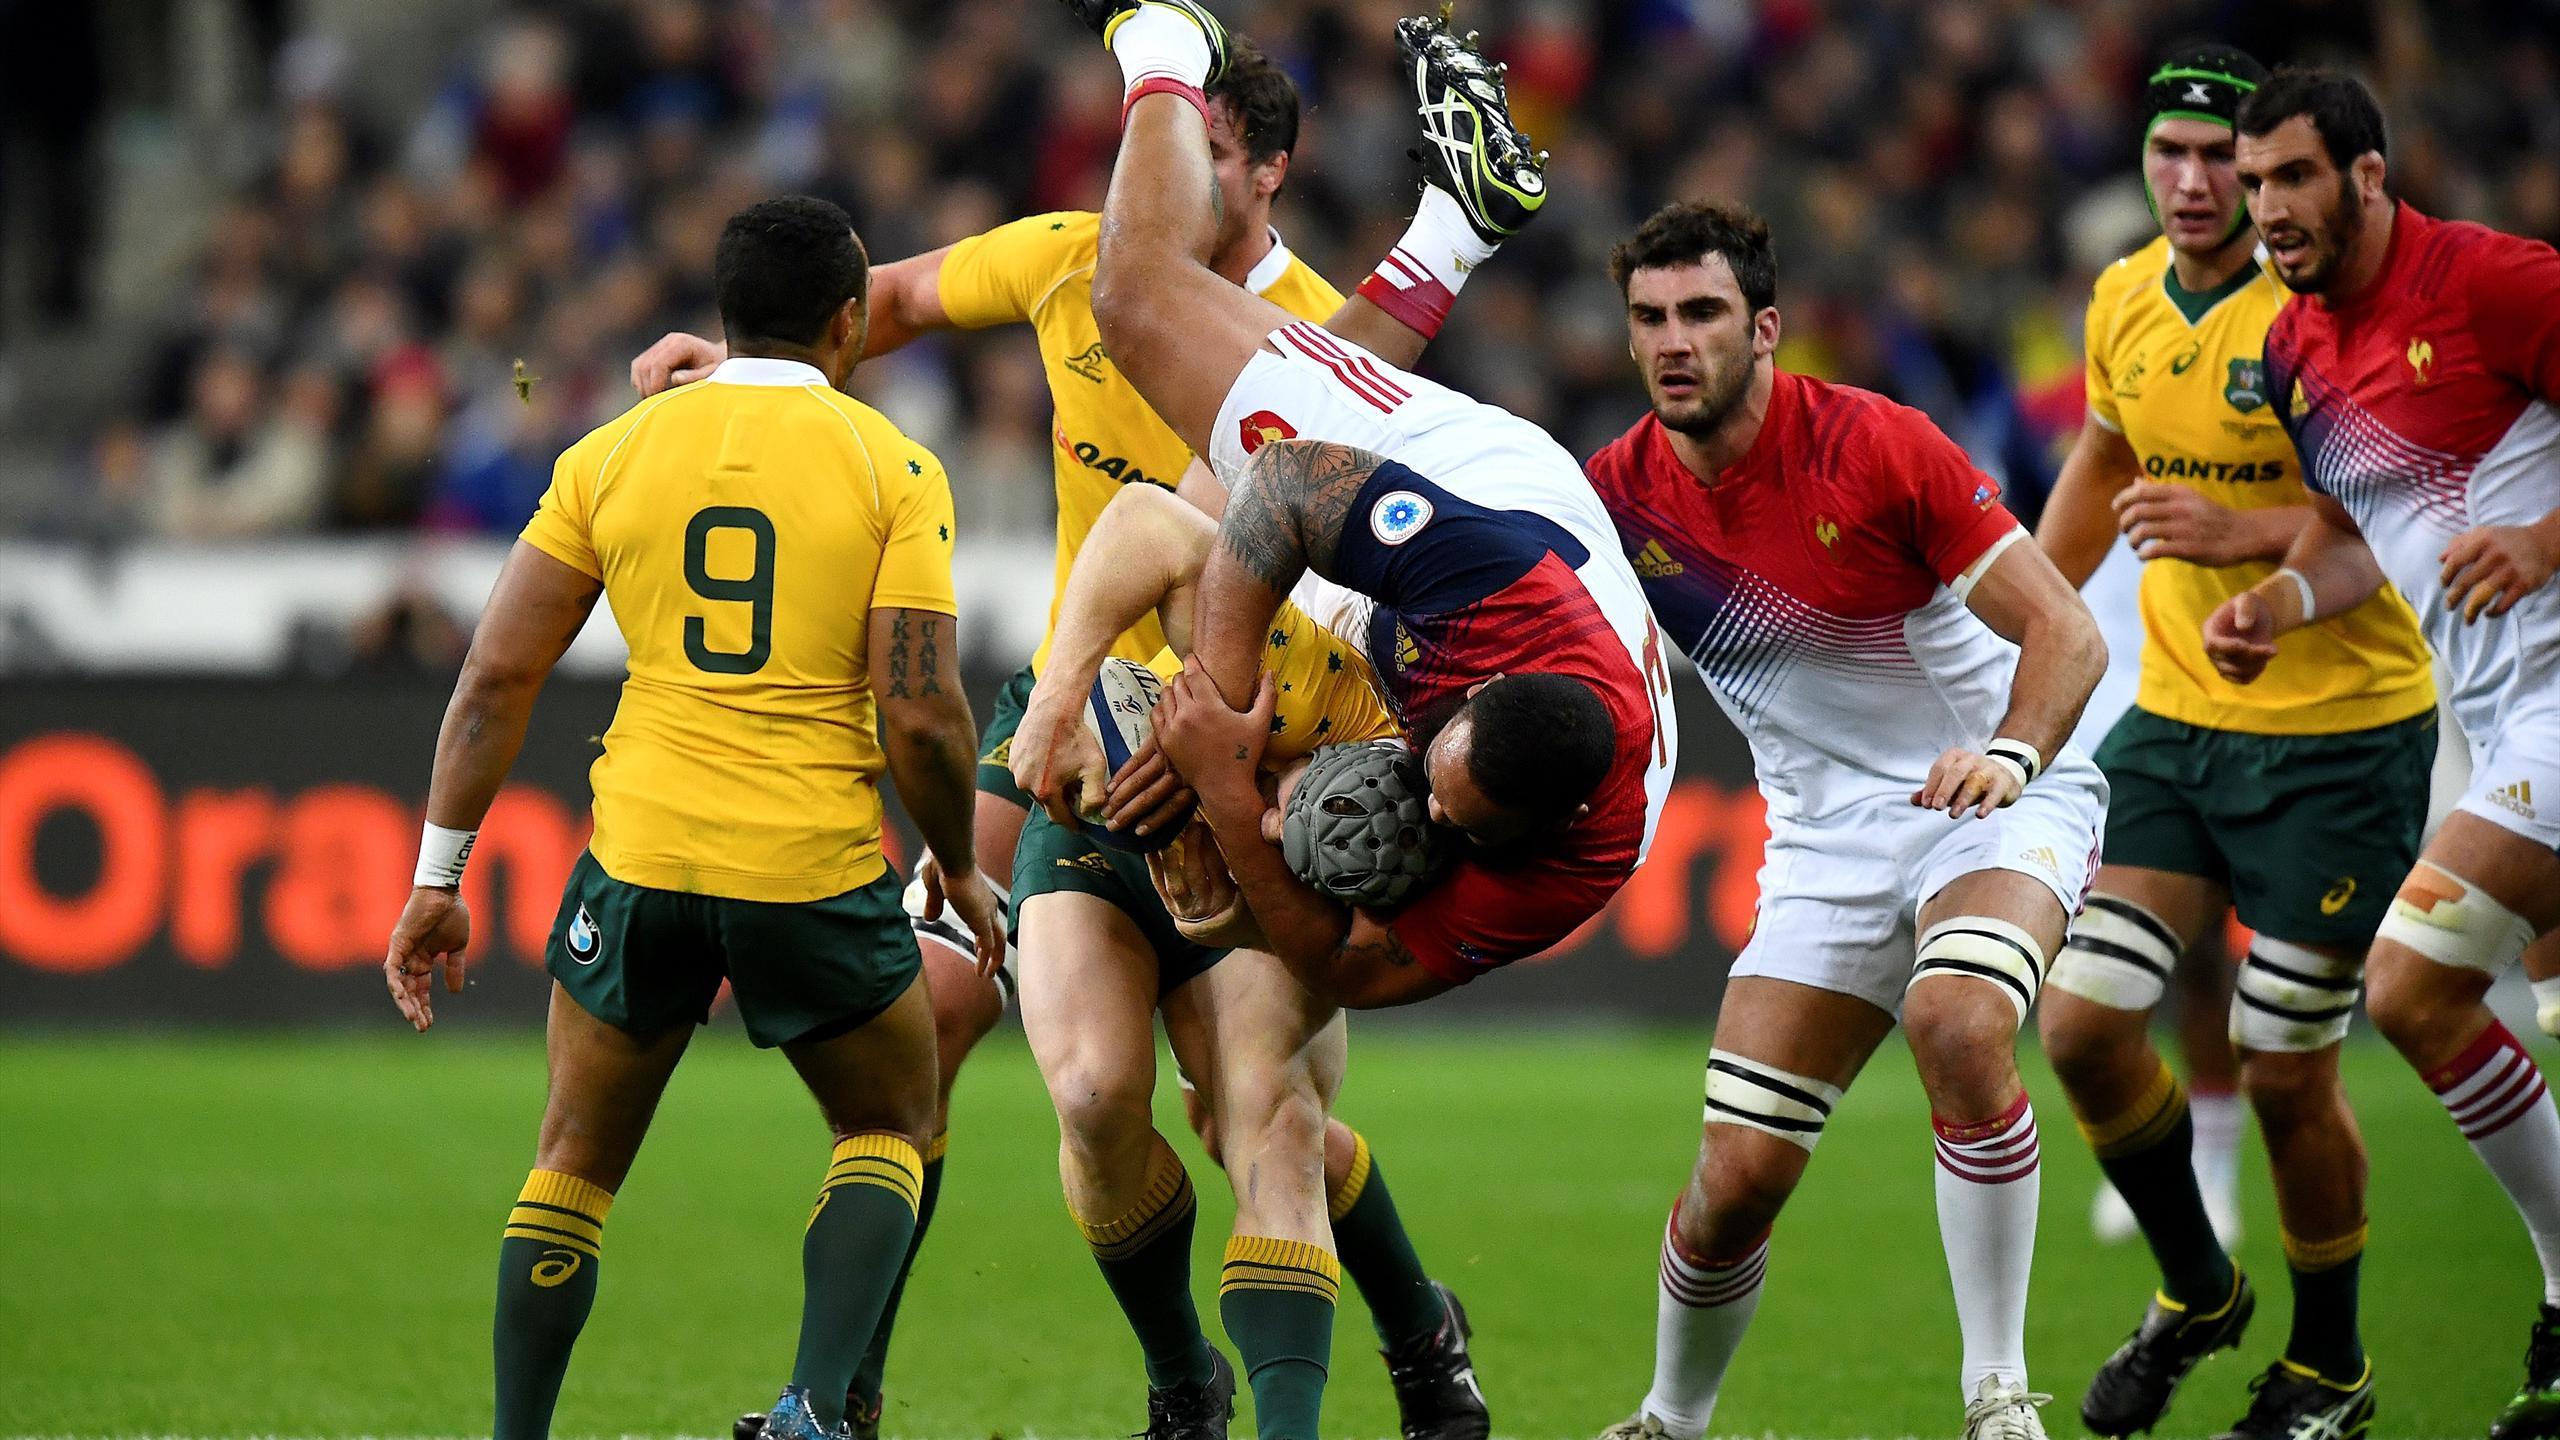 Uini Atonio (XV de France) face à l'Australie - 19 novembre 2016